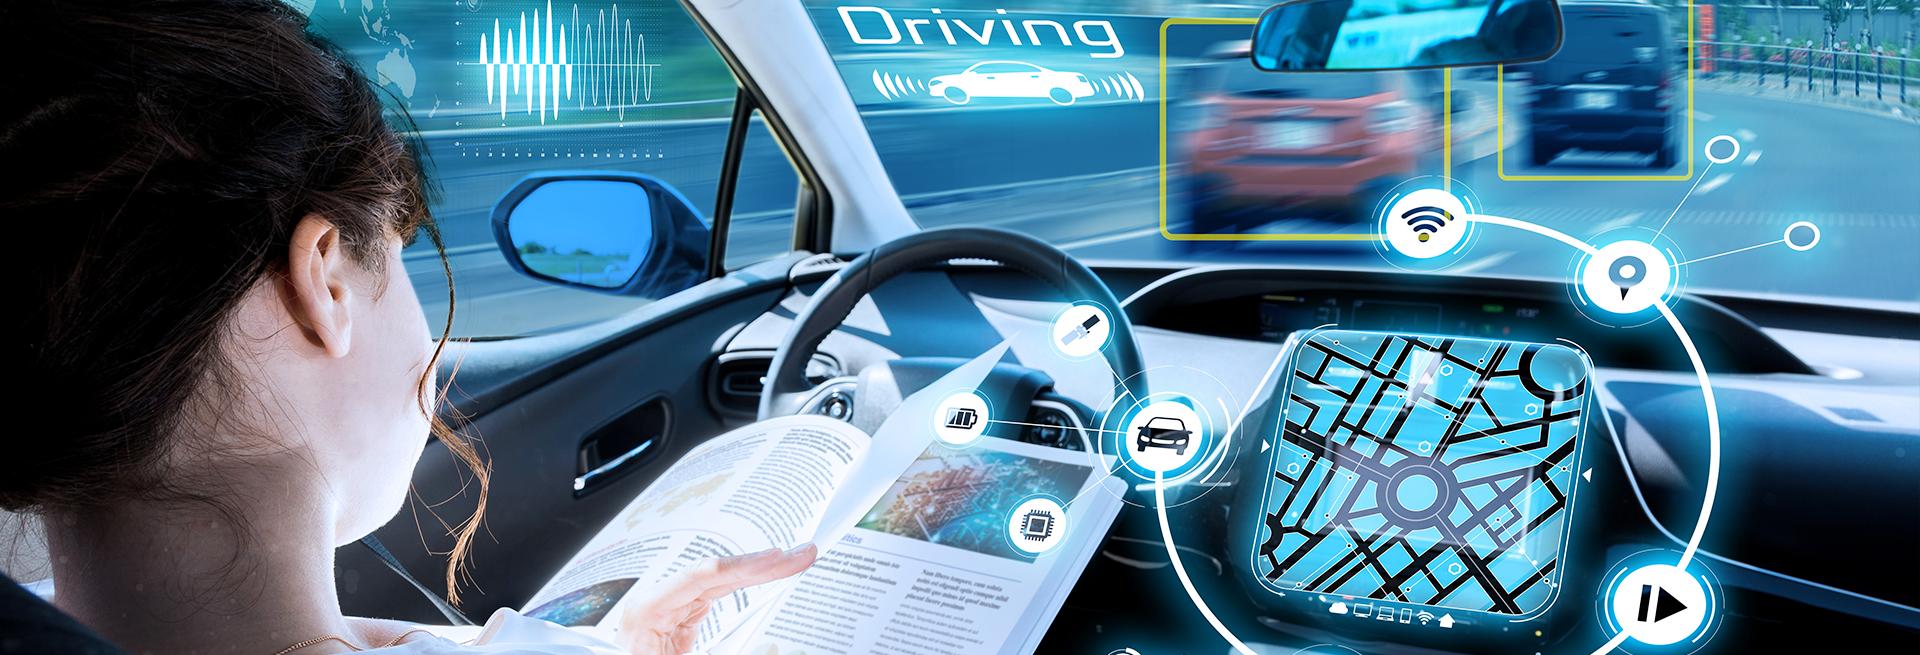 Conheça os níveis de automação dos veículos